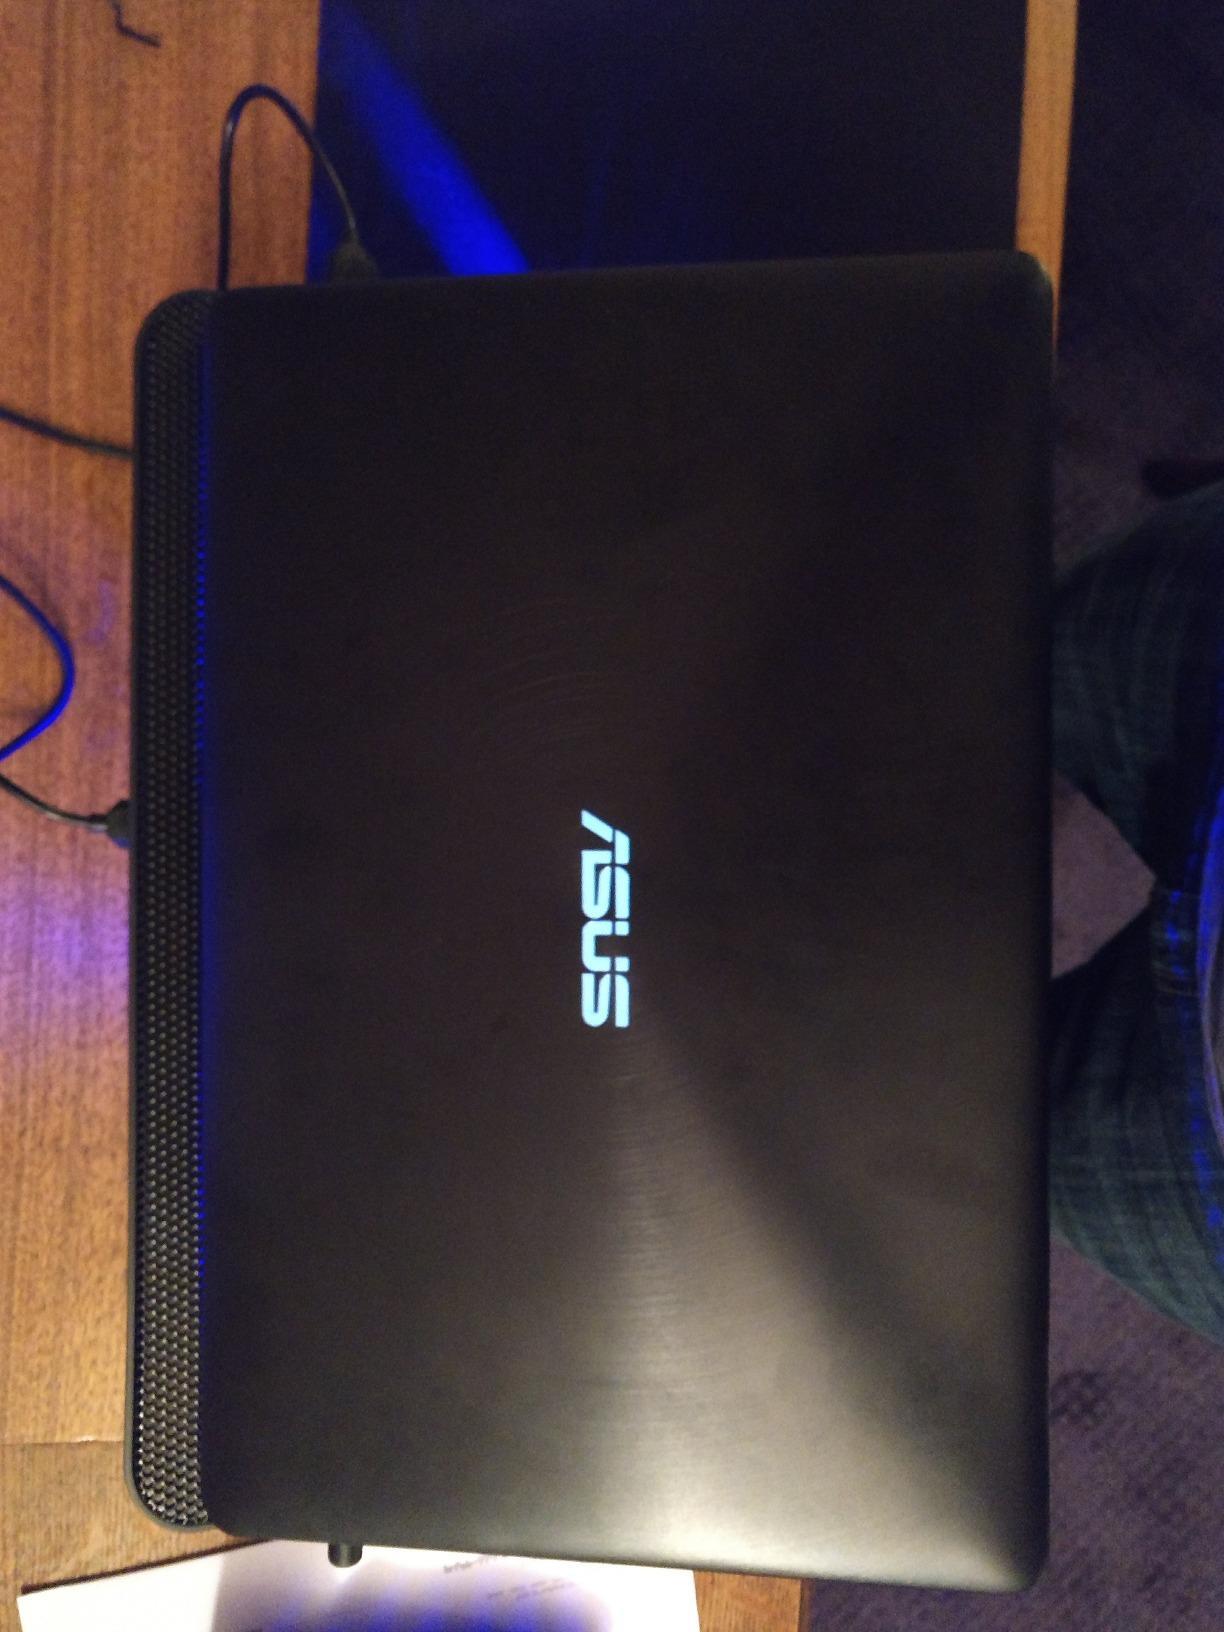 ASUS UX550GE-XB71T Zenbook Pro 15 6